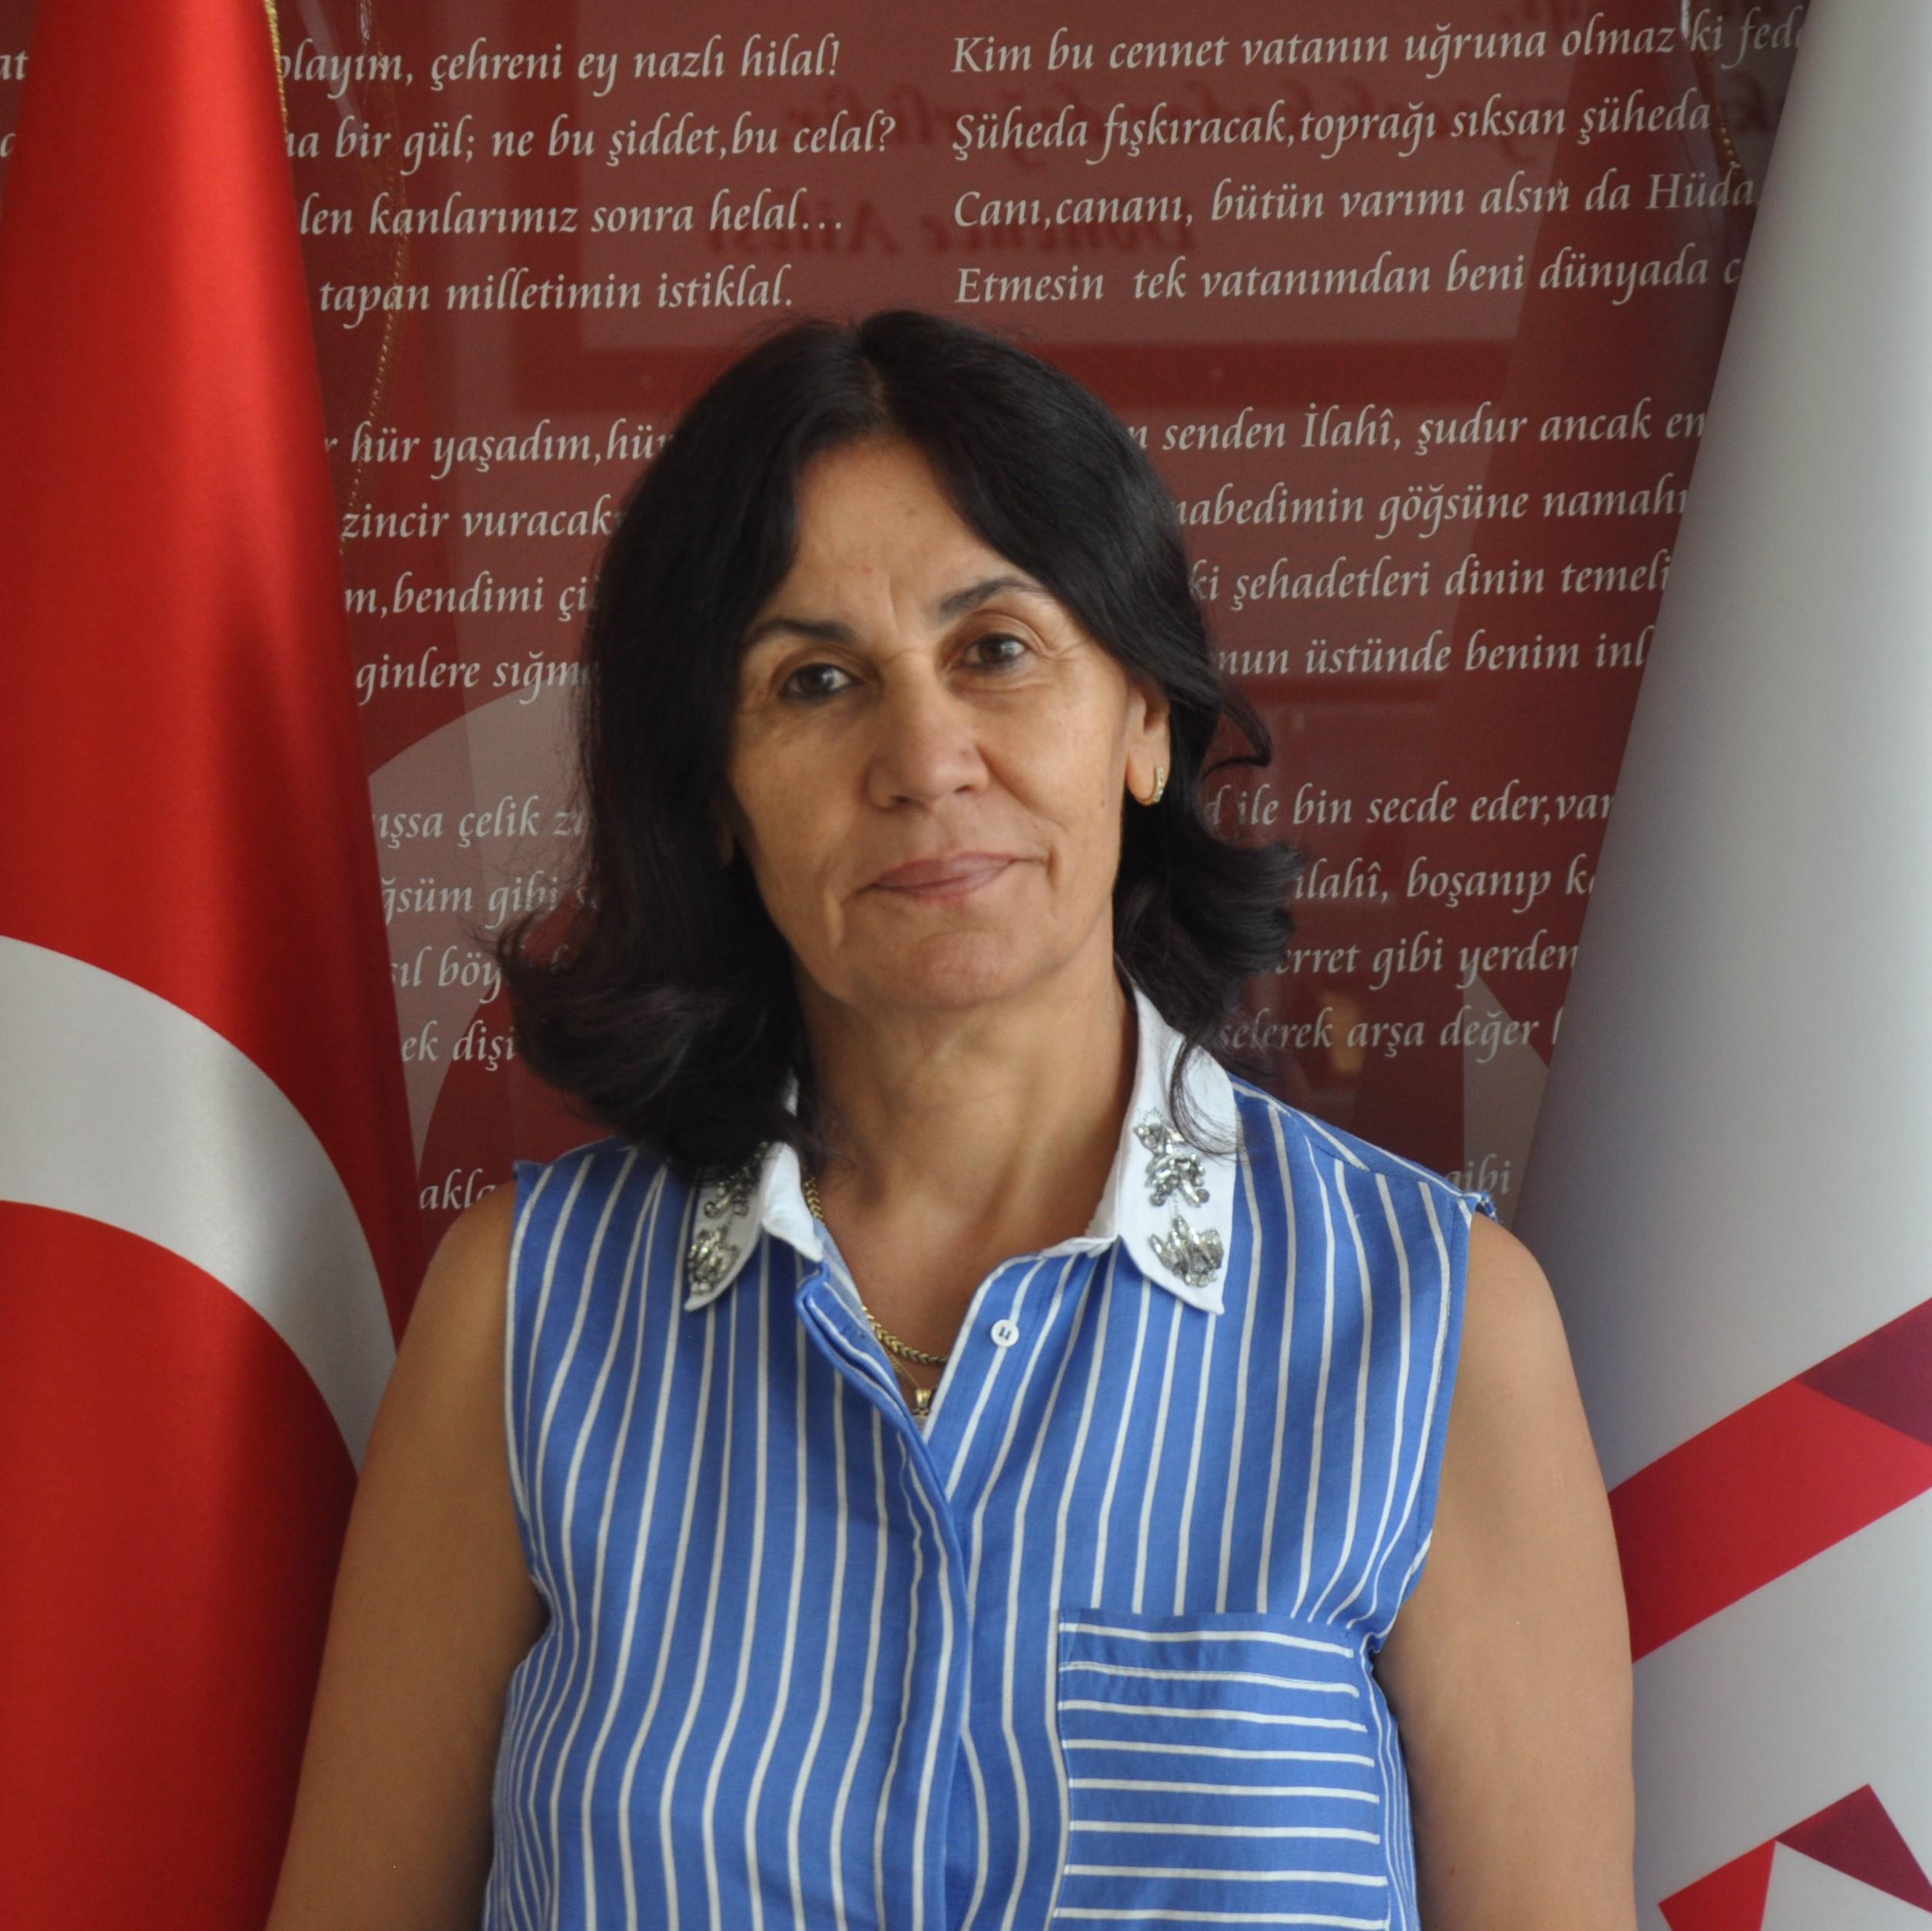 Fatma Ertek